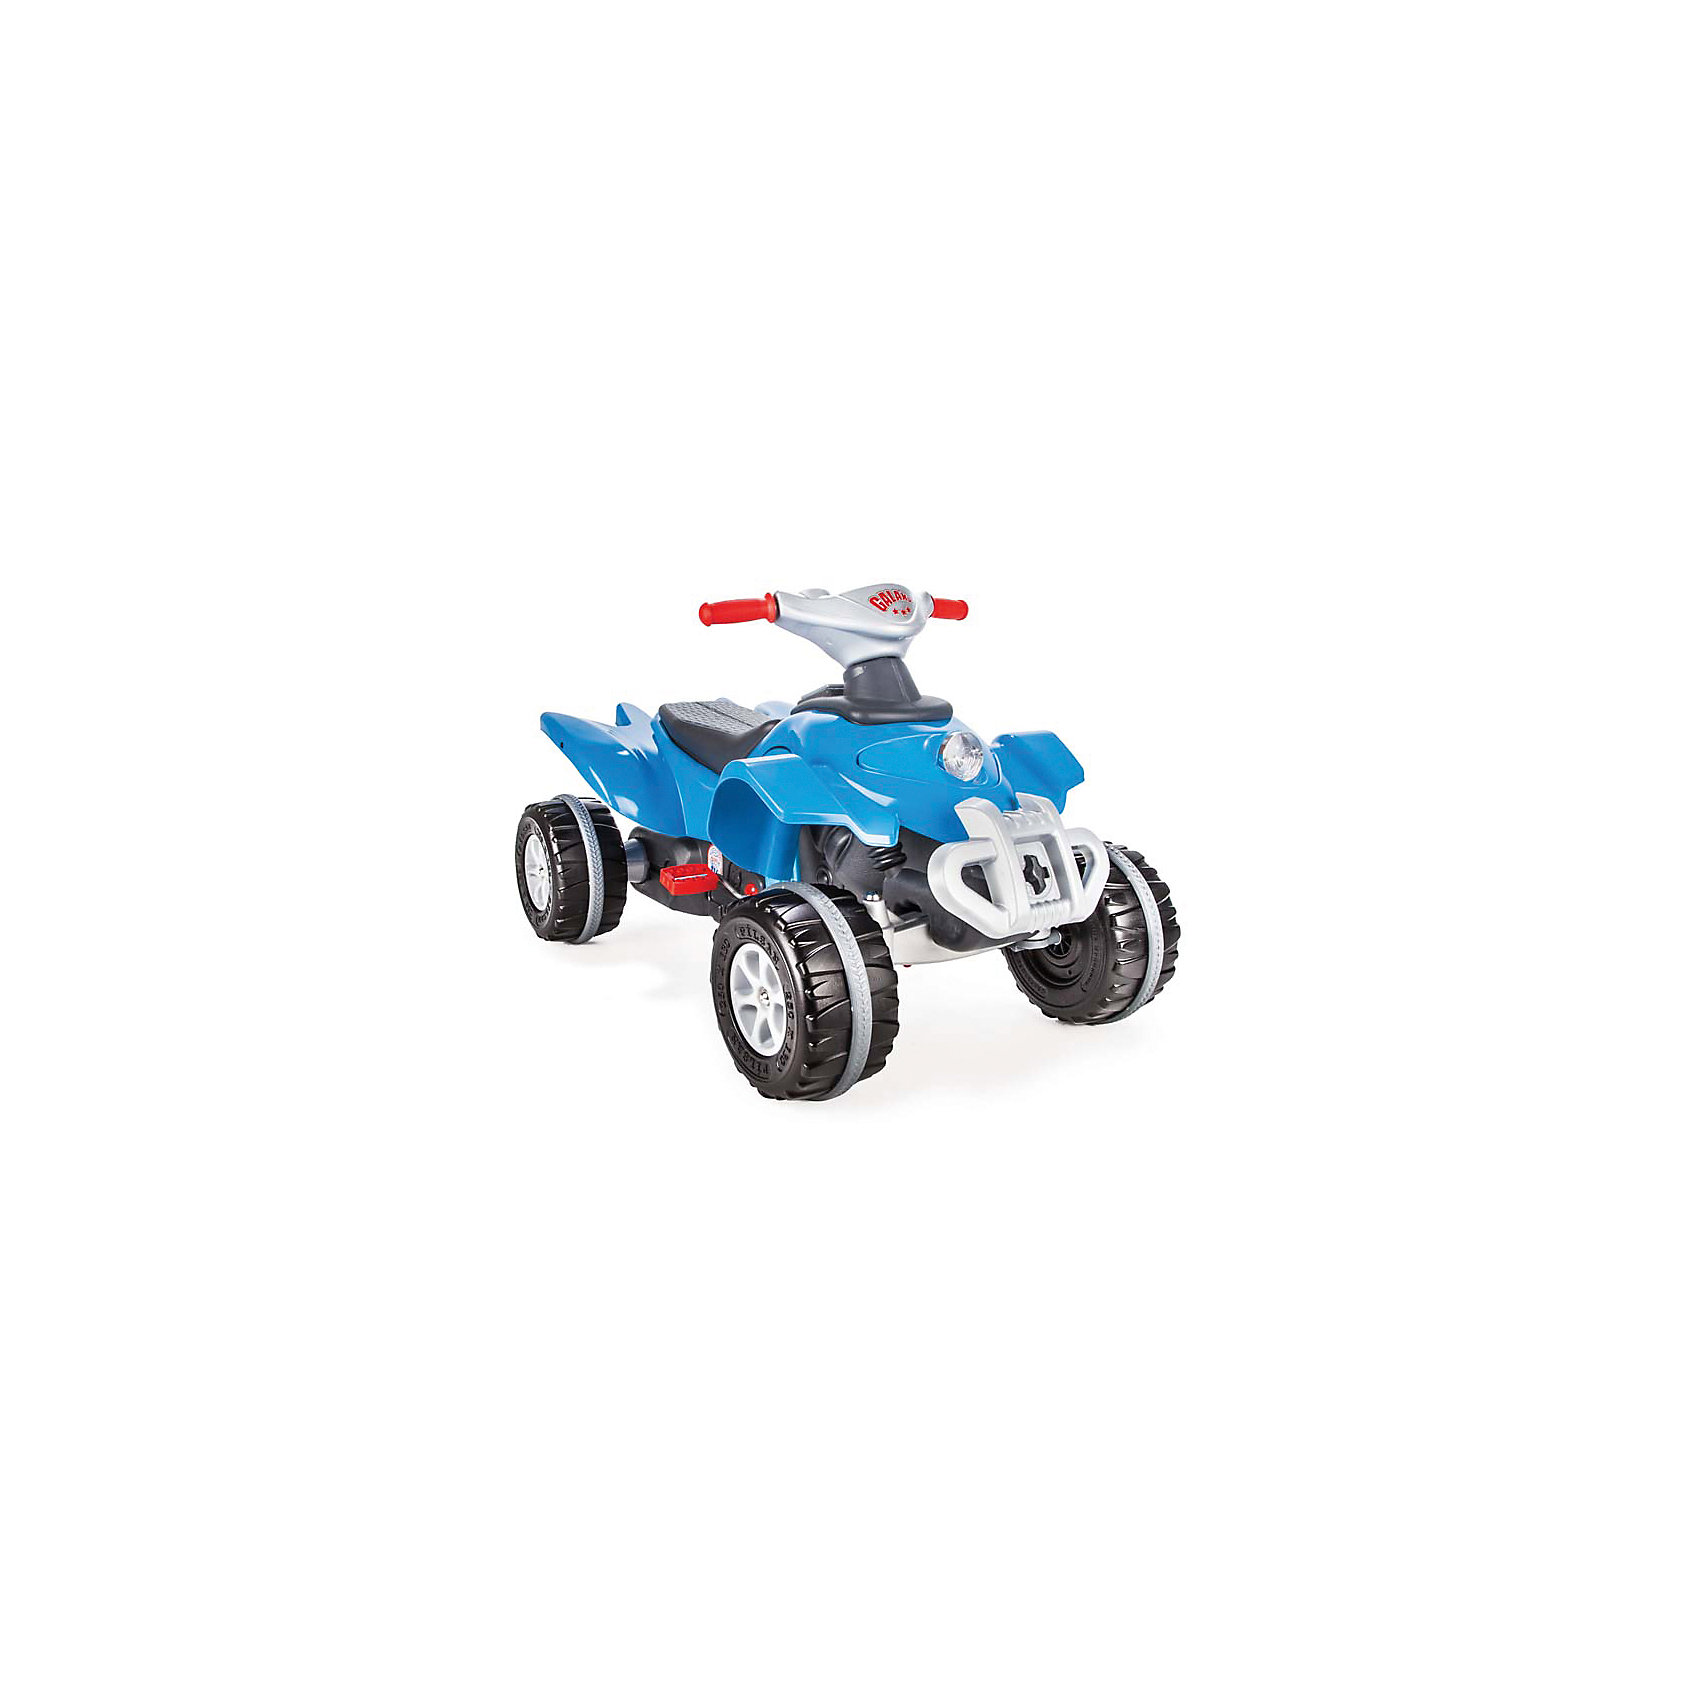 Педальная машина Квадроцикл GALAXY (в ассортименте), PILSANПедальная машина Квадроцикл GALAXY (в ассортименте), PILSAN (Пилсан)<br><br>Характеристики:<br><br>• удобное сиденье<br>• съемный руль<br>• управление с помощью педалей и руля<br>• яркий дизайн<br>• способствует физическому развитию и развитию координации движений<br>• материал: пластик<br>• размер упаковки: 54х99х59 см<br>• вес: 10,6 кг<br><br>Квадроцикл GALAXY - отличный вариант первого транспорта ребенка. Он имеет удобное сиденье, съемный руль и, конечно же, привлекательный дизайн. Широкие рельефные колеса хорошо едут по неровным поверхностям. Квадроцикл управляется с помощью педалей и руля. Игра способствует физическому развитию и развитию координации ребенка. Игрушка изготовлена из высококачественного прочного пластика. Максимальная нагрузка - 50 кг.<br><br>ВНИМАНИЕ! Данный артикул имеется в наличии в разных цветовых исполнениях. К сожалению, заранее выбрать определенный цвет не возможно.<br><br>Педальную машину Квадроцикл GALAXY (в ассортименте), PILSAN (Пилсан) вы можете купить в нашем интернет-магазине.<br><br>Ширина мм: 590<br>Глубина мм: 990<br>Высота мм: 540<br>Вес г: 10600<br>Возраст от месяцев: 36<br>Возраст до месяцев: 84<br>Пол: Унисекс<br>Возраст: Детский<br>SKU: 5512034